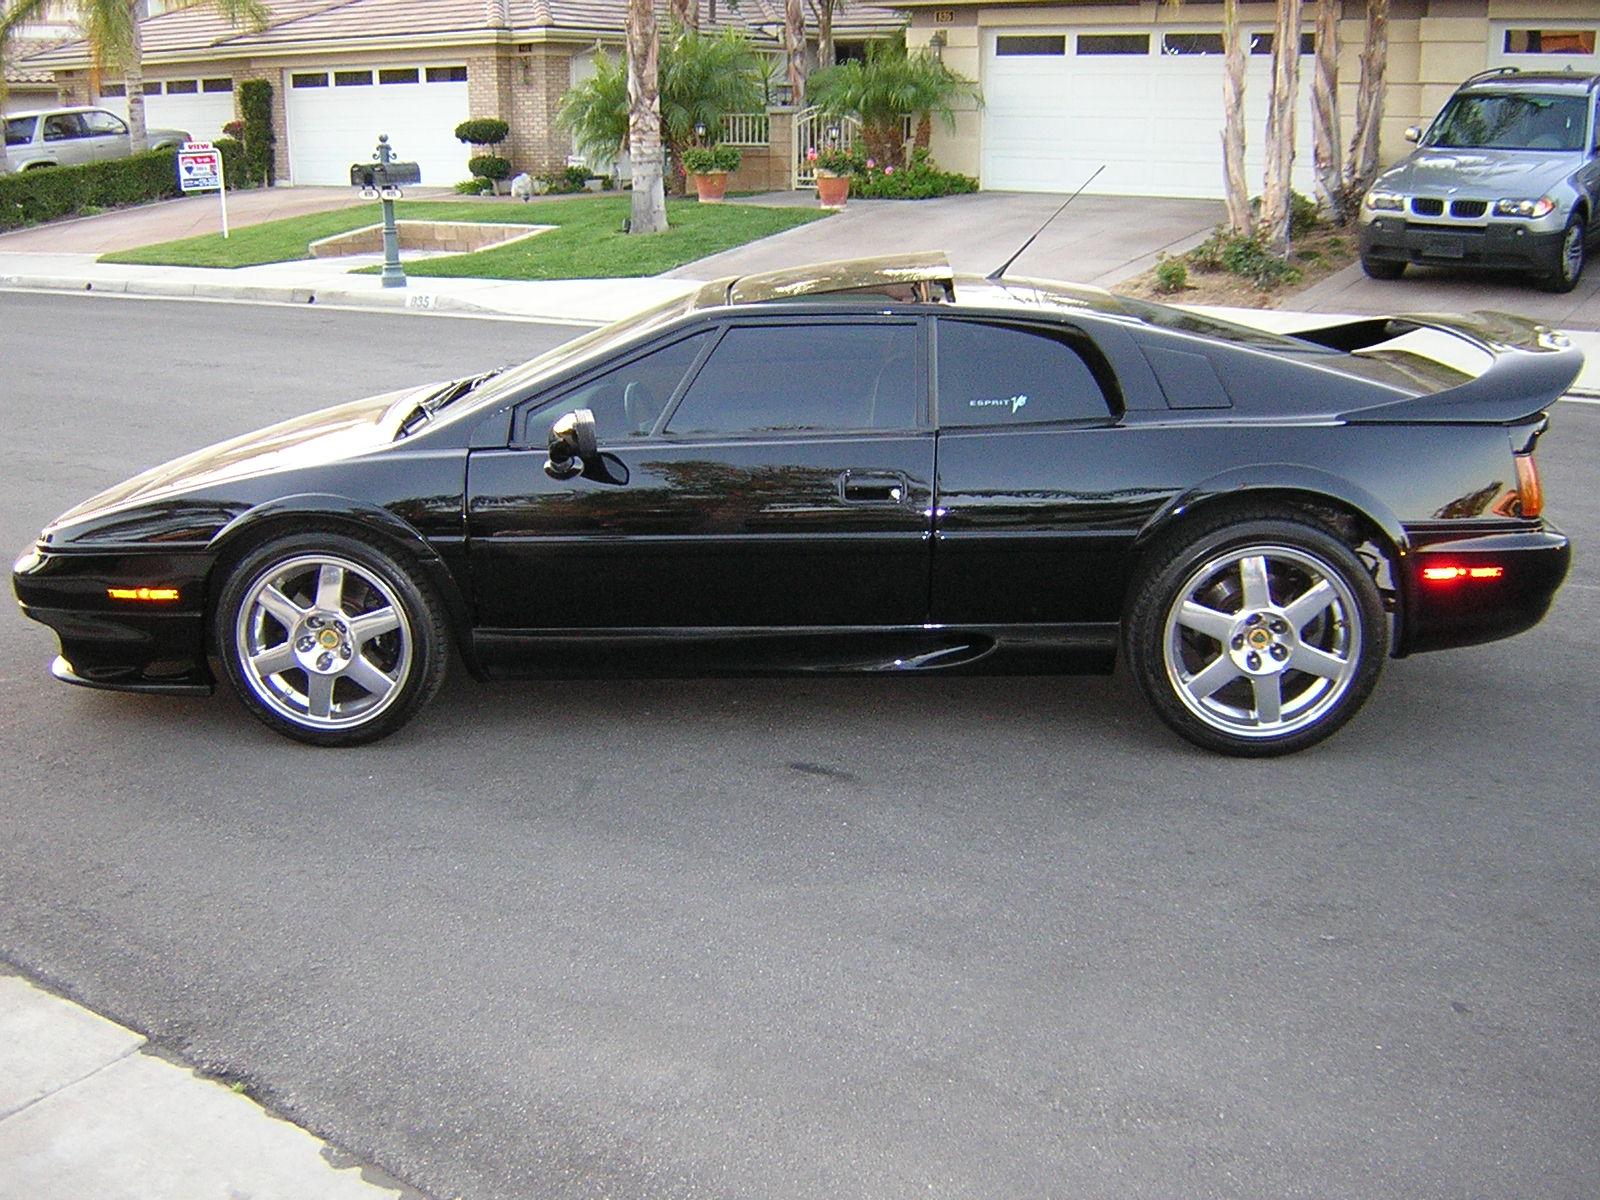 Lotus Esprit Used Car Review